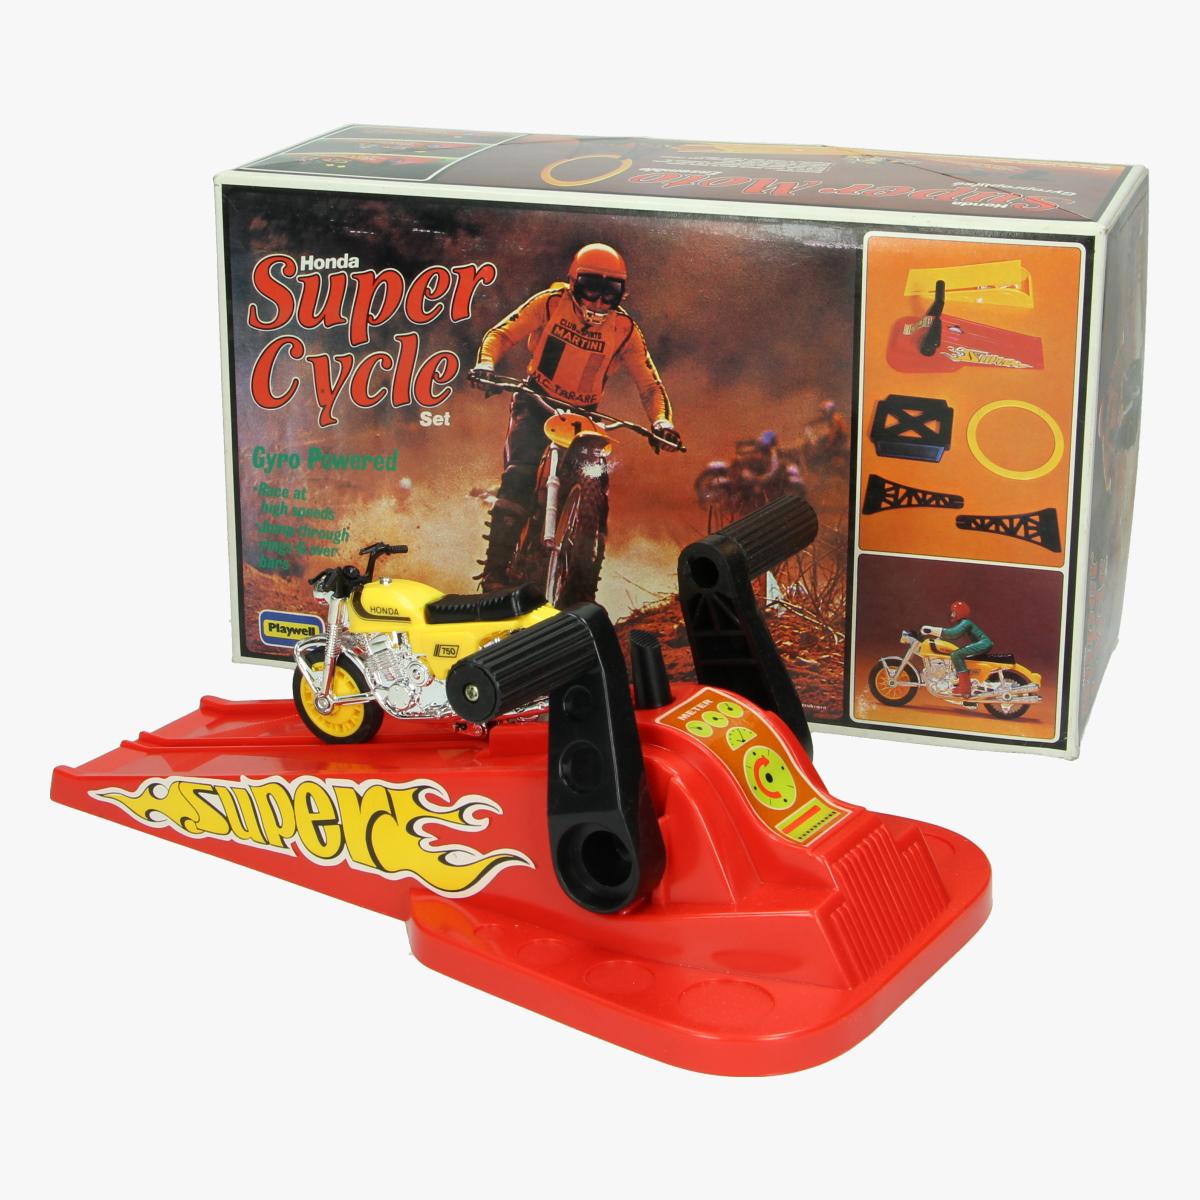 Afbeeldingen van Honda Super Cycle set. Speelgoed. Playwell.